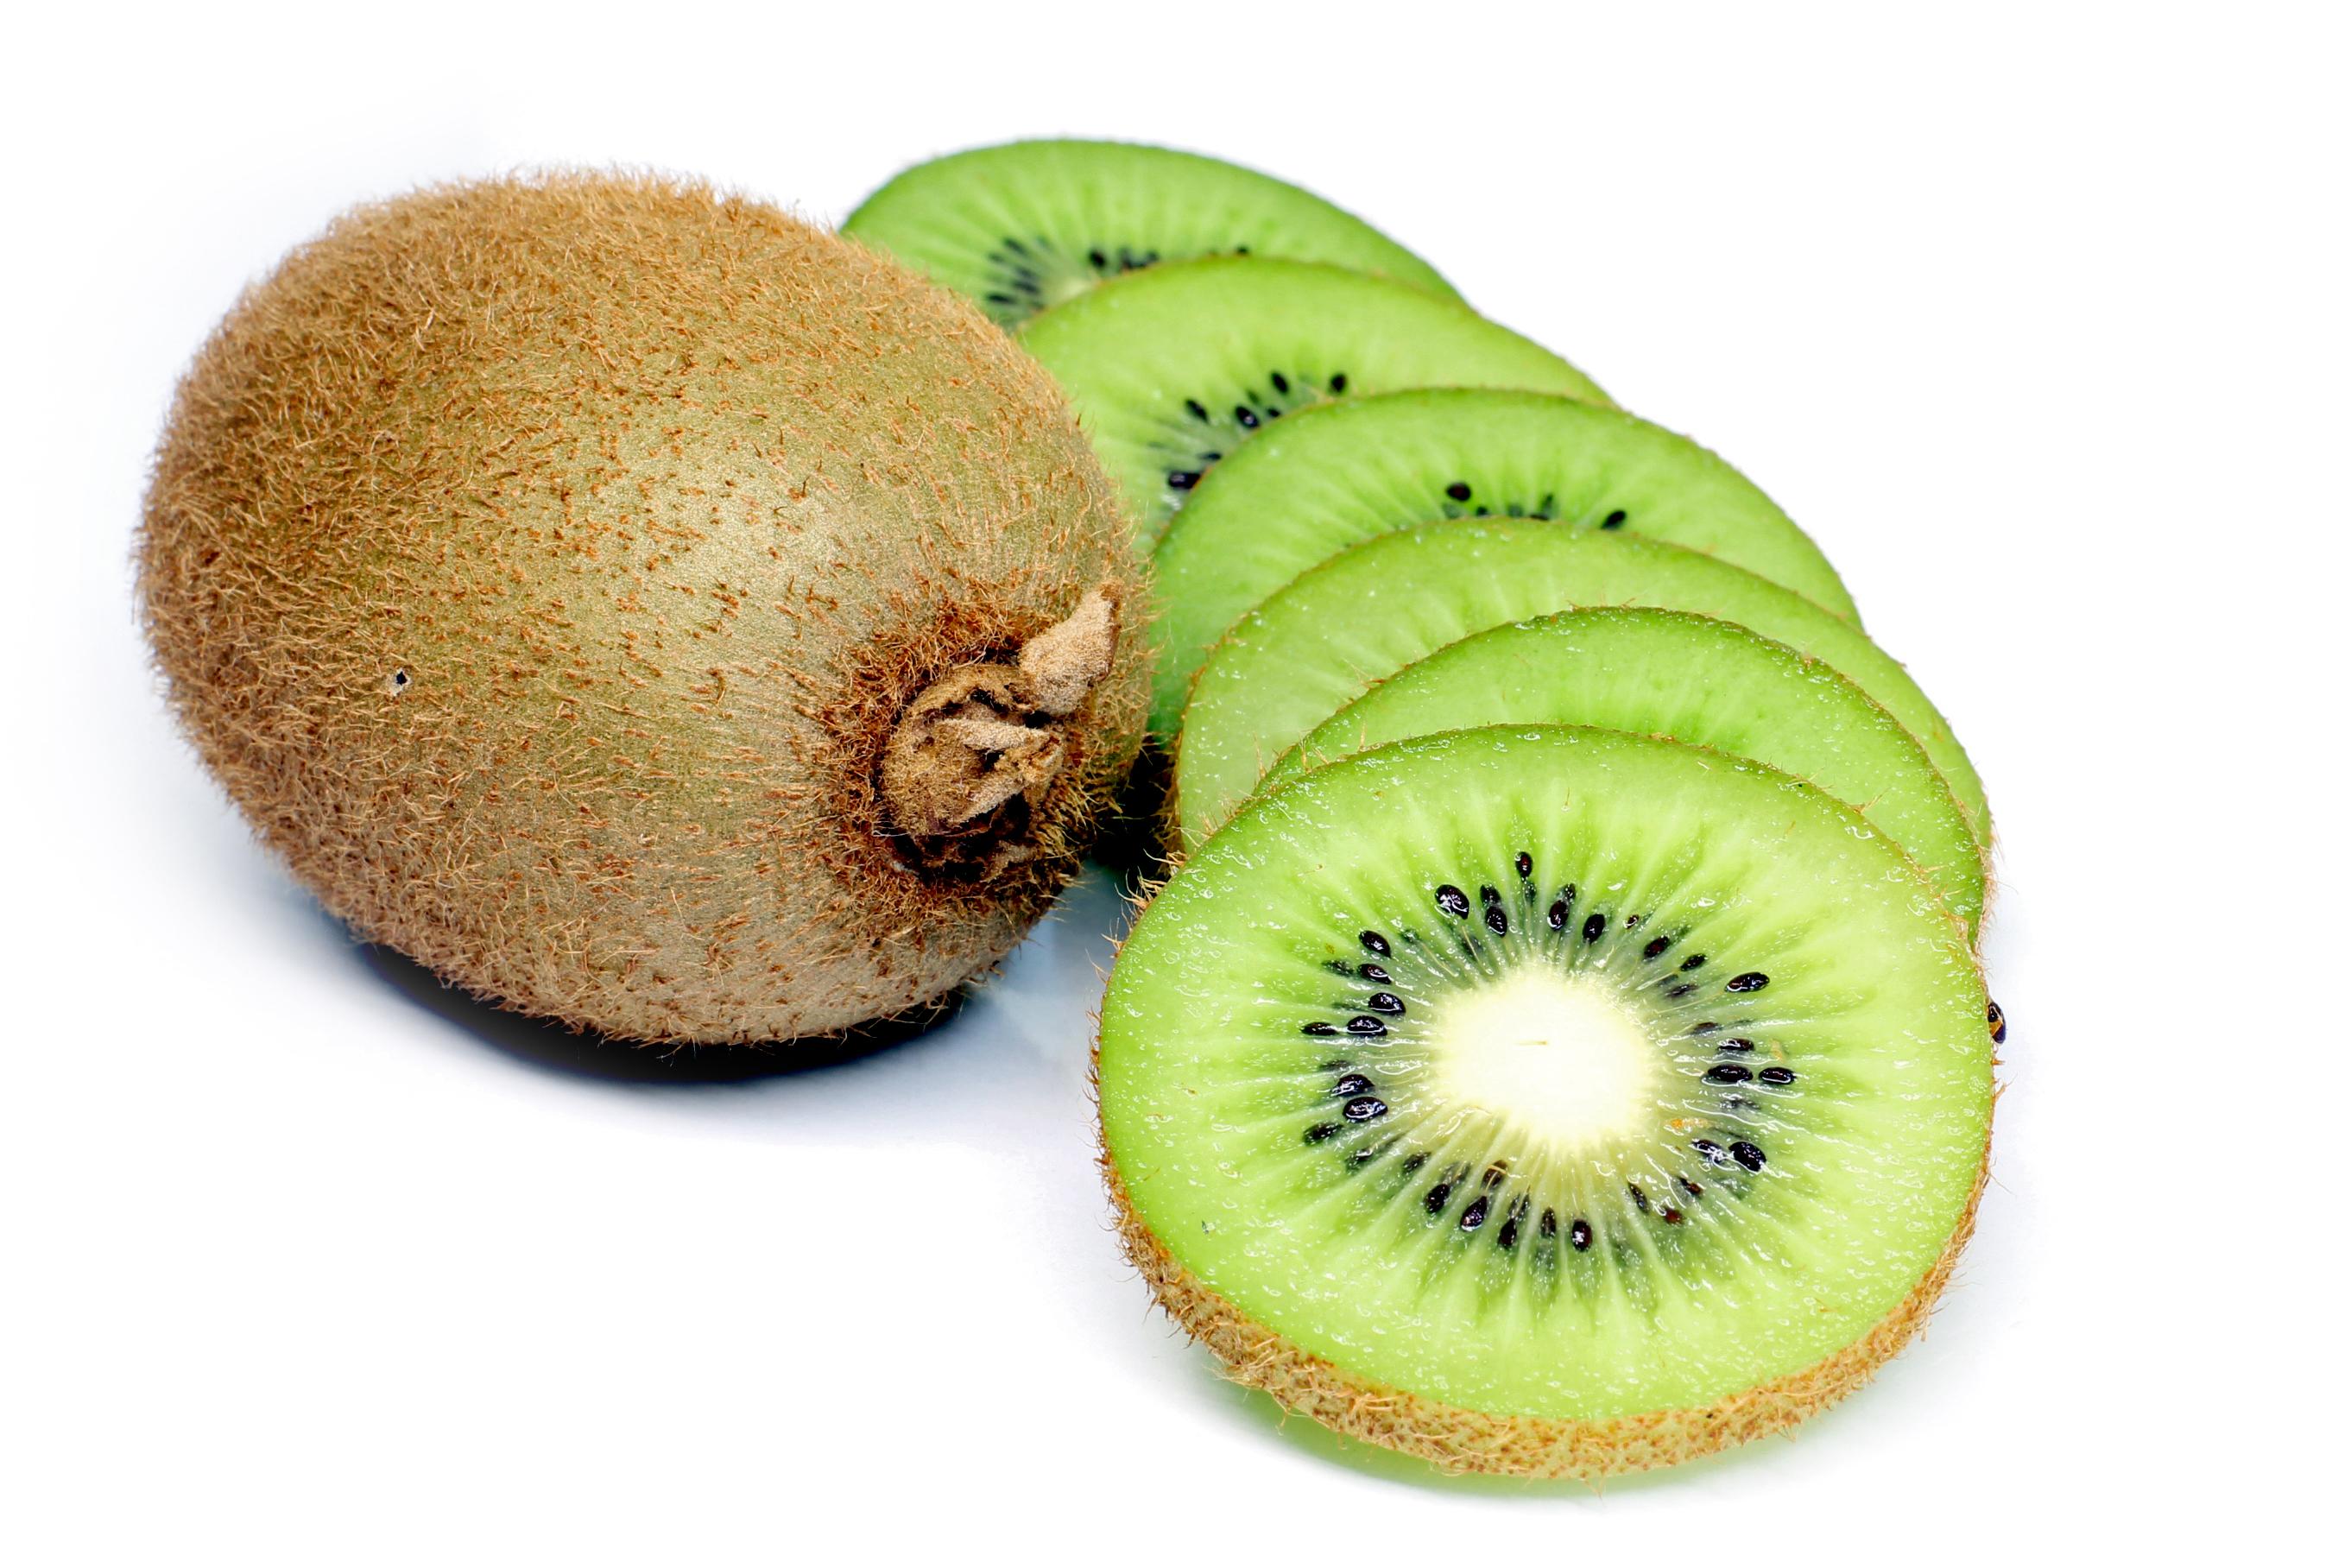 สารสกัดกีวี (ผล) (Kiwi extract)